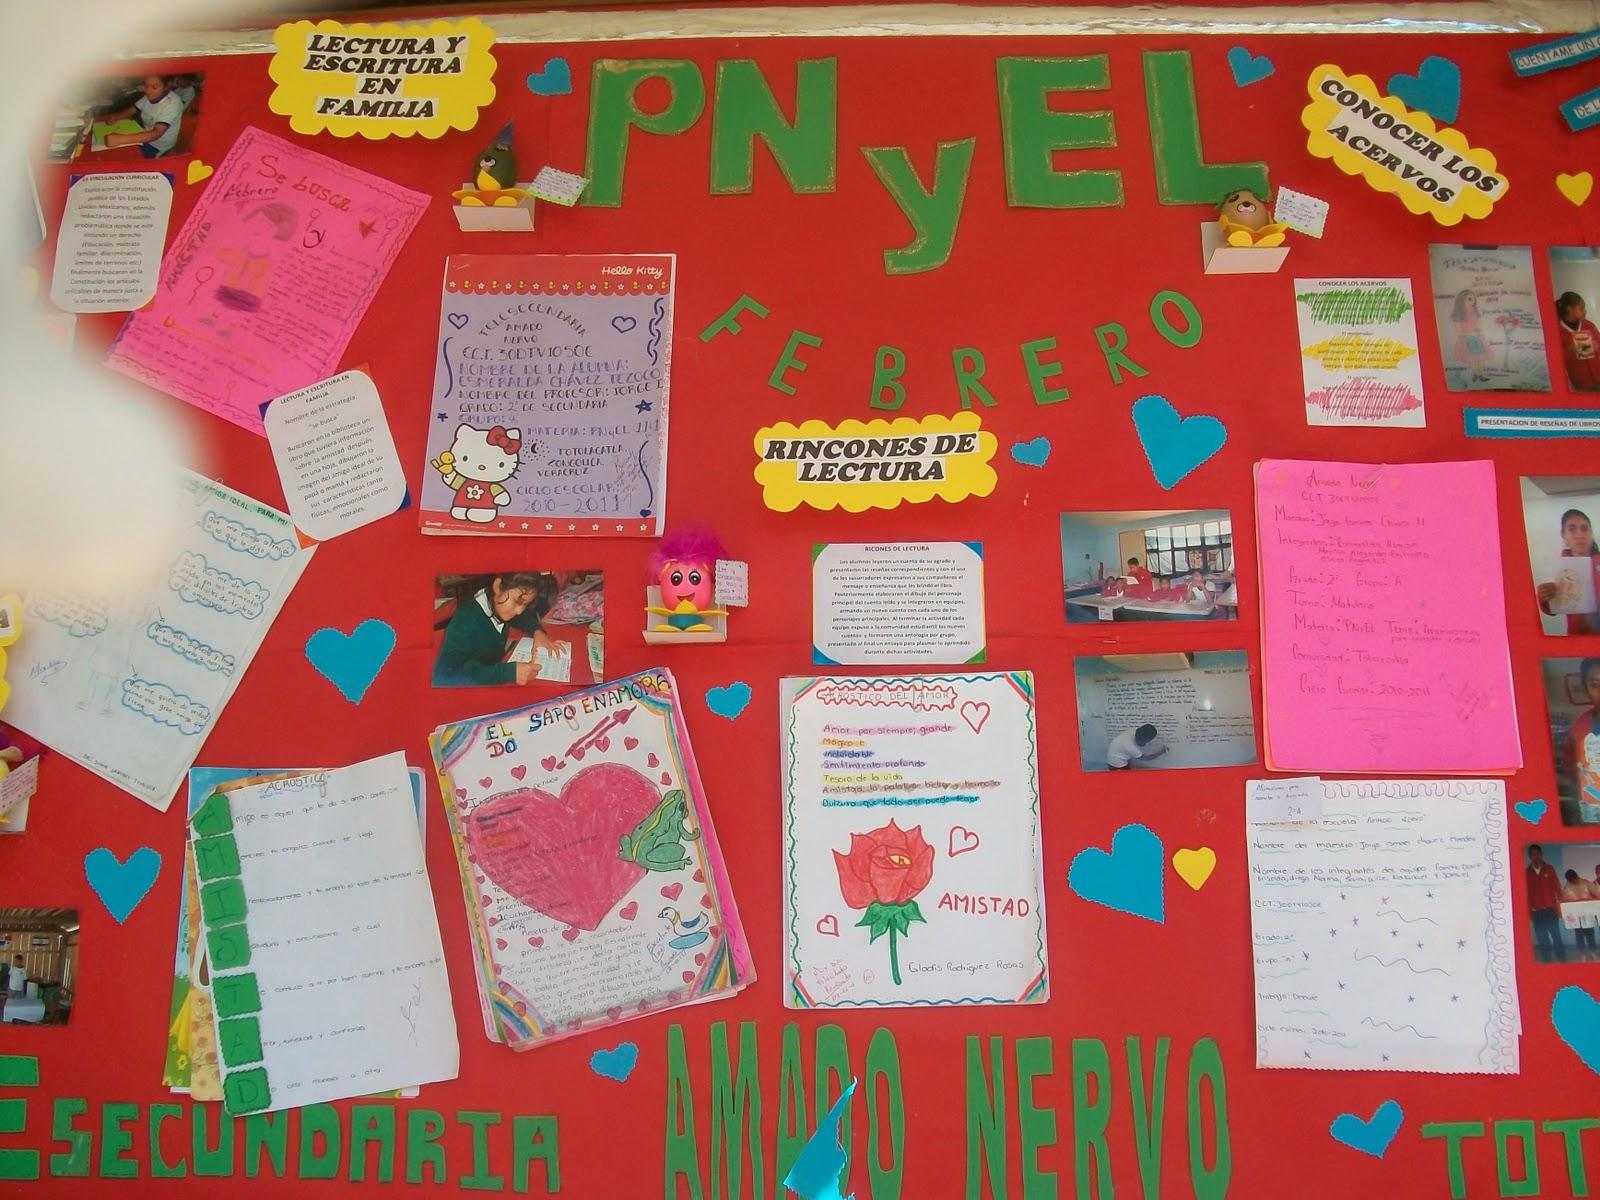 Supervisi n escolar zona 83 zongolica marzo 2011 for Mural una familia chicana